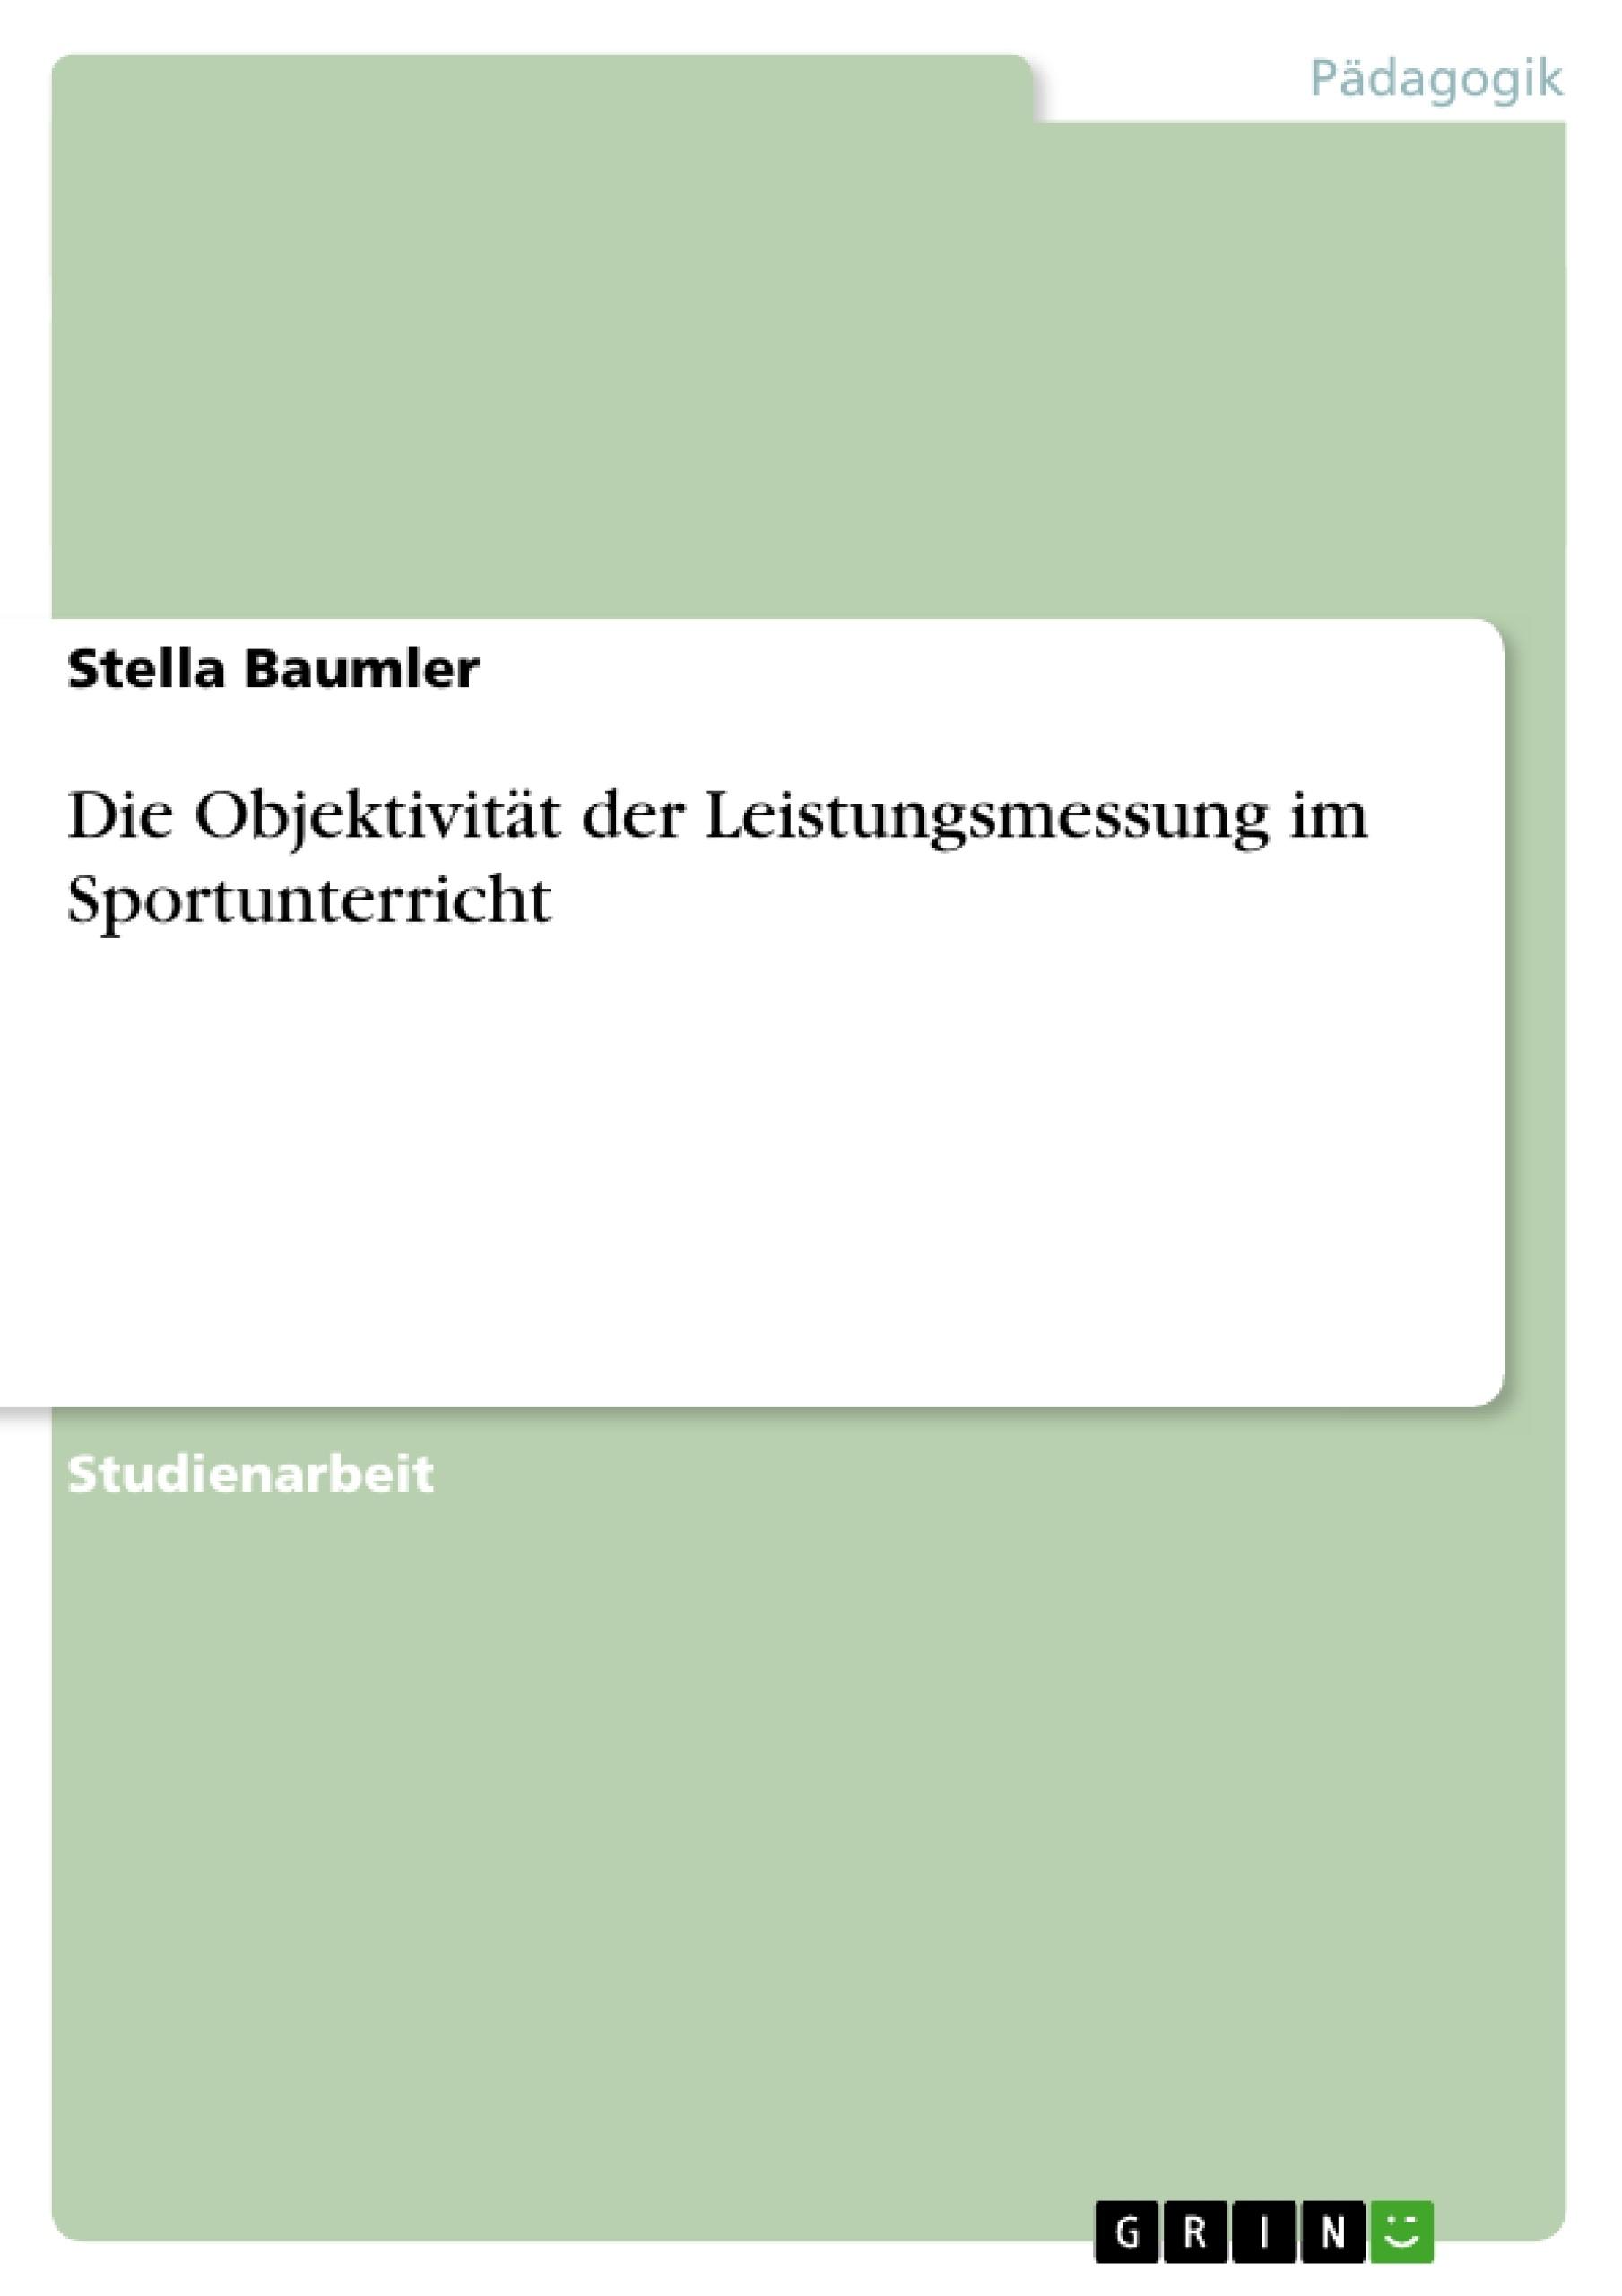 Titel: Die Objektivität der Leistungsmessung im Sportunterricht